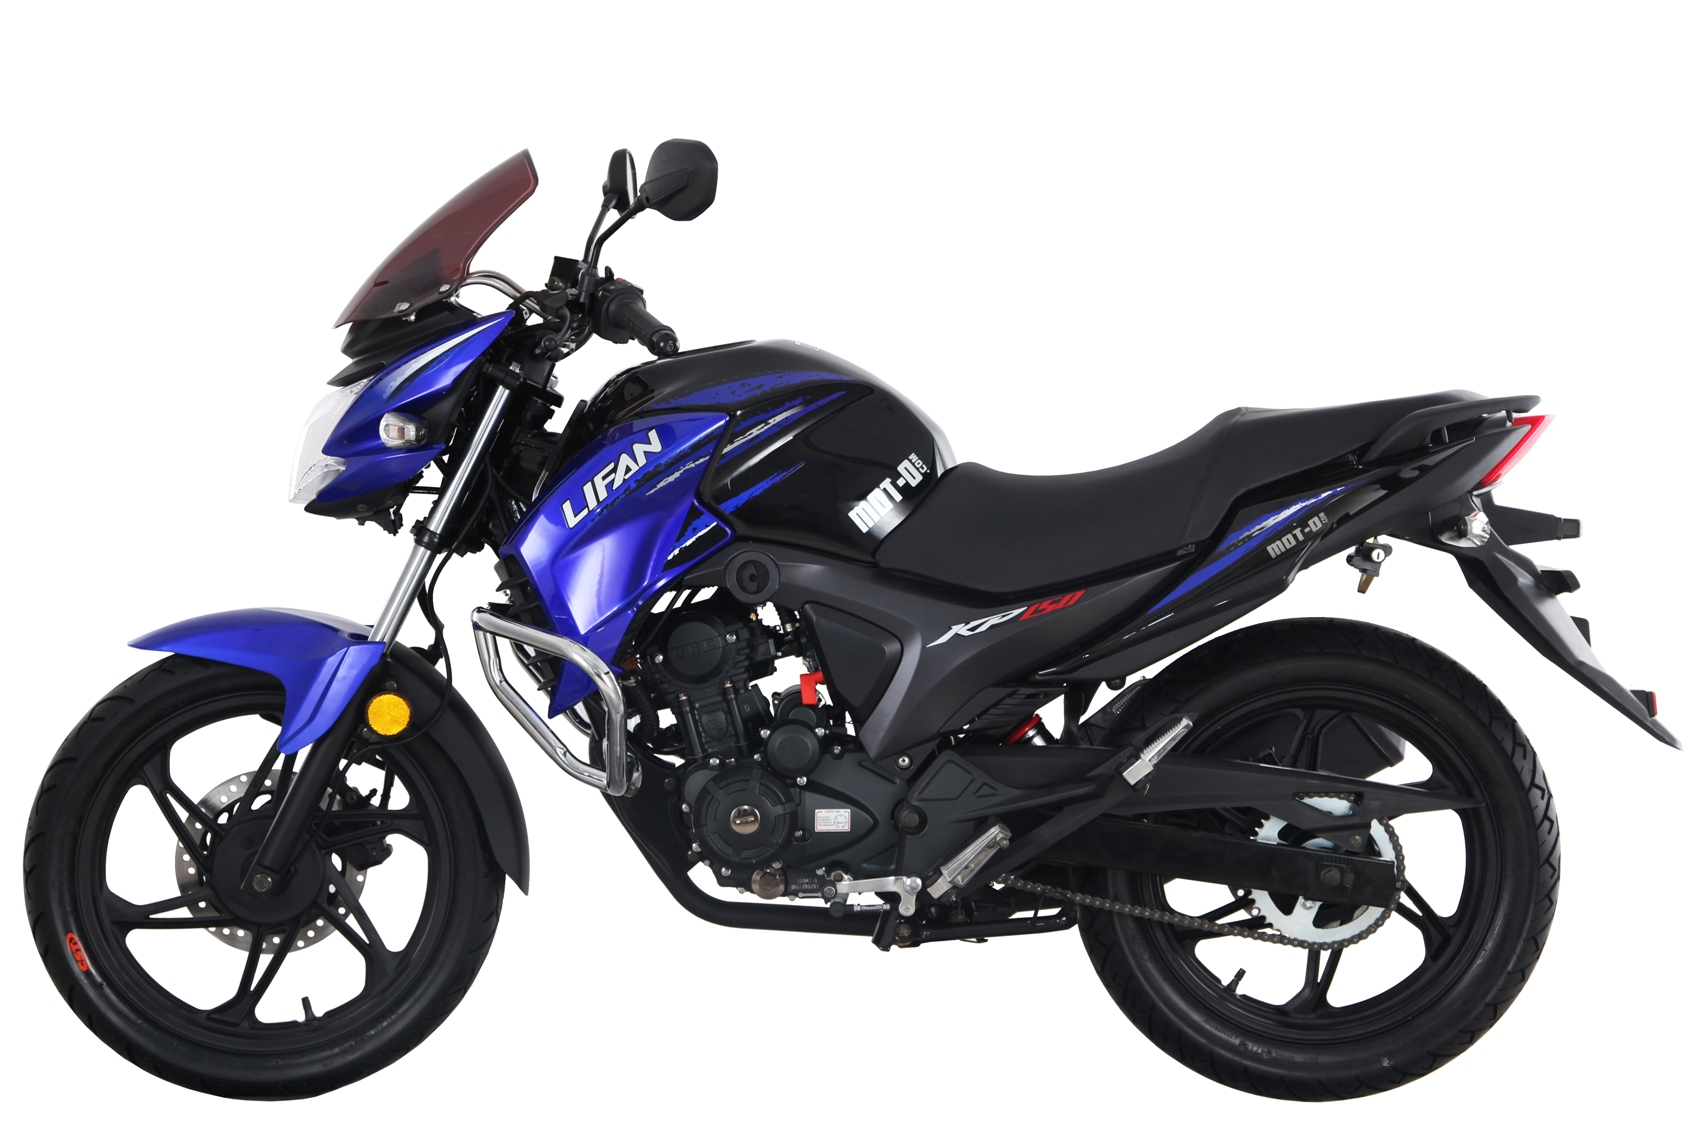 МОТОЦИКЛ LIFAN KP150 (LIFAN IROKEZ) Blue  Артмото - купить квадроцикл в украине и харькове, мотоцикл, снегоход, скутер, мопед, электромобиль